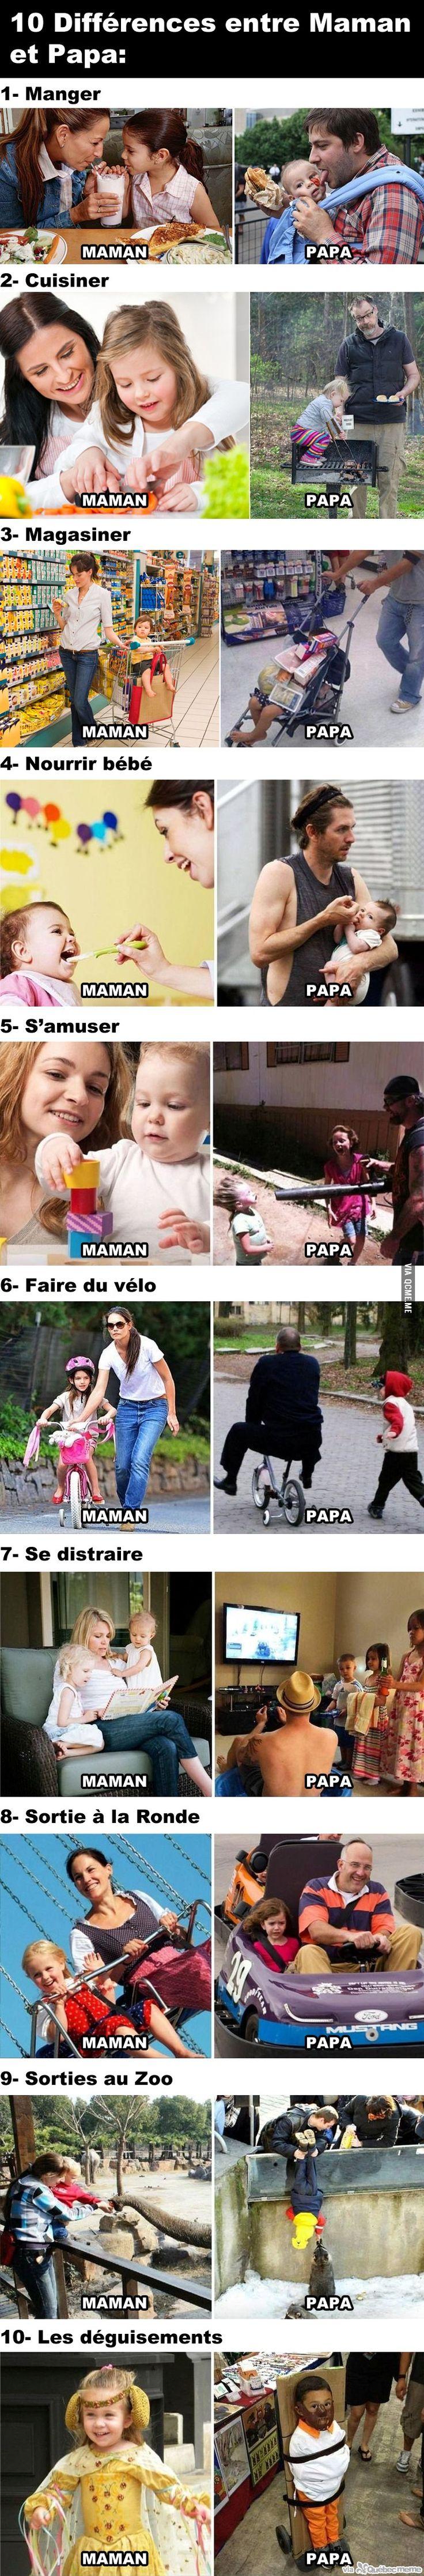 10 Différences entre Maman et Papa: